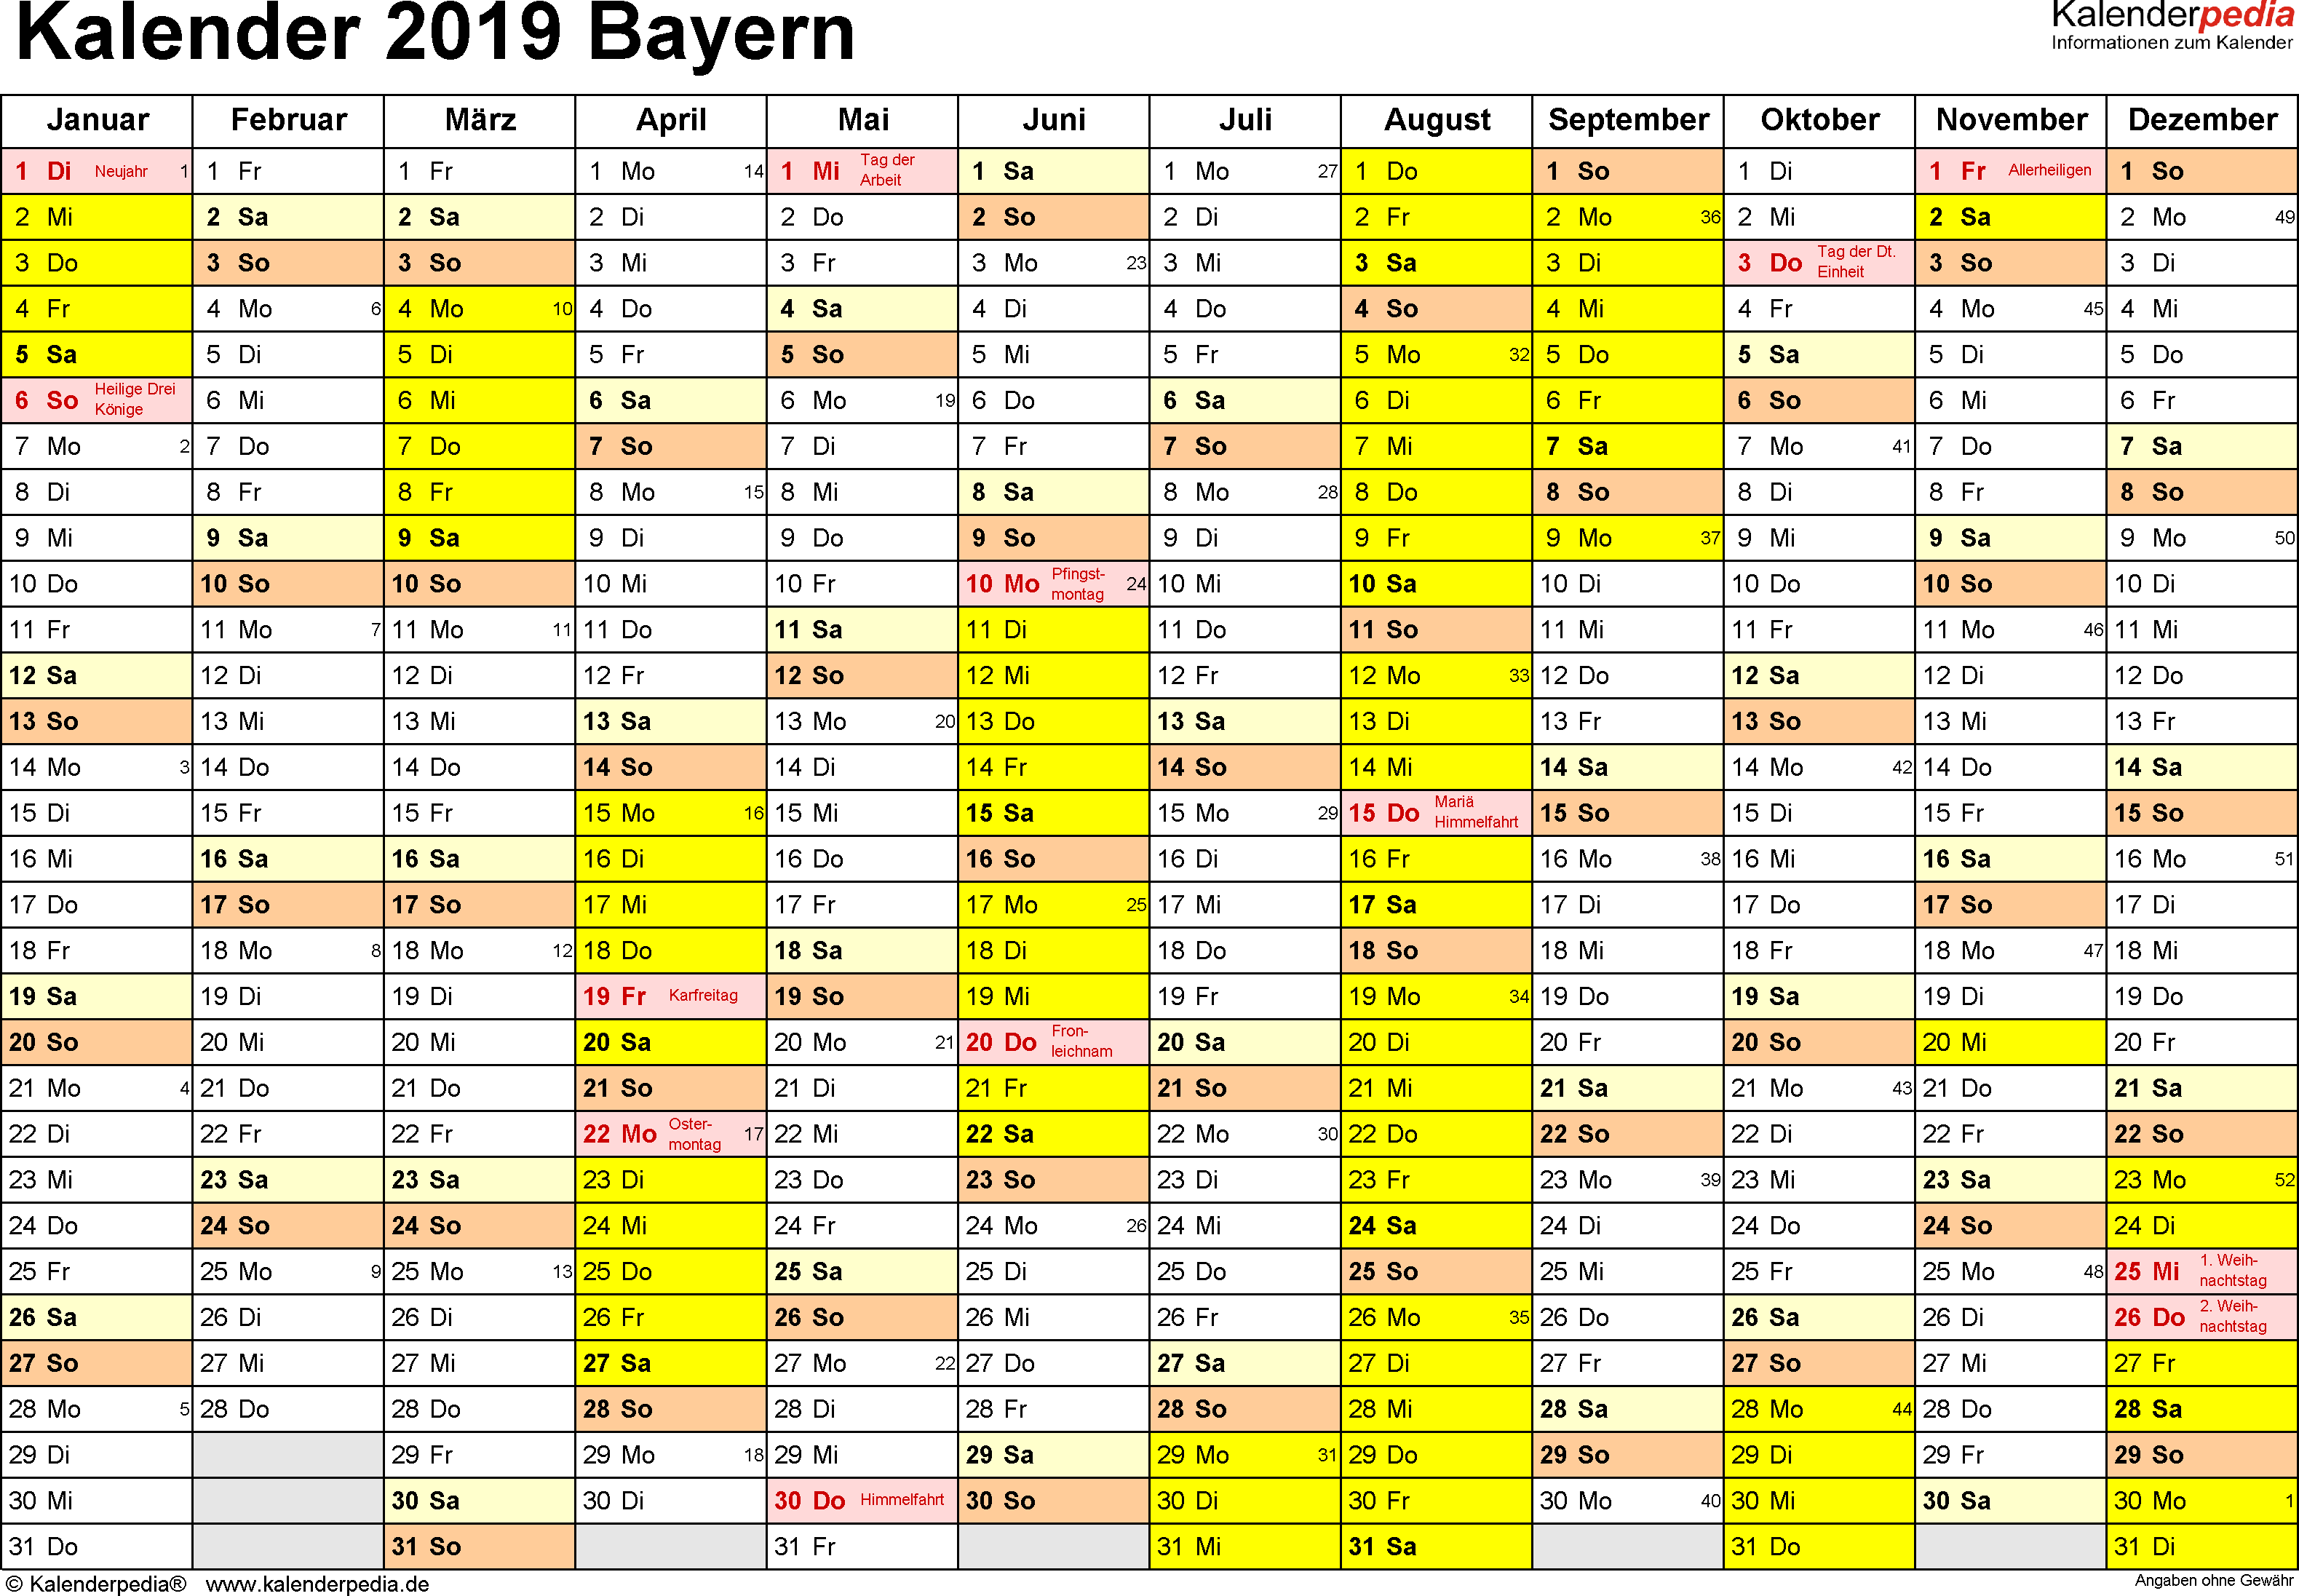 Vorlage 1: Kalender 2019 für Bayern als Word-Vorlagen (Querformat, 1 Seite)